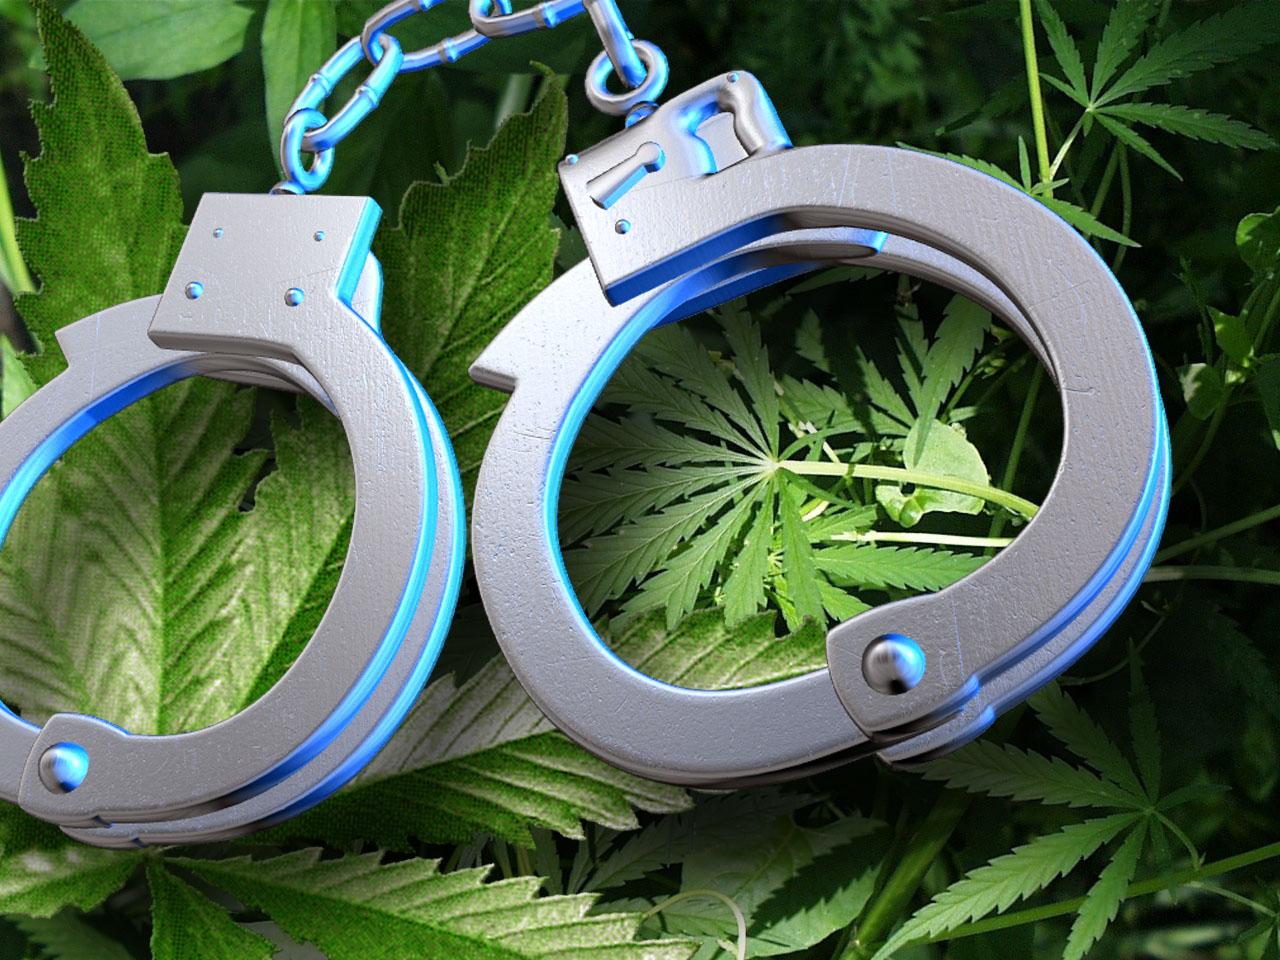 marihuana-dlaczego-jest-nielegalna